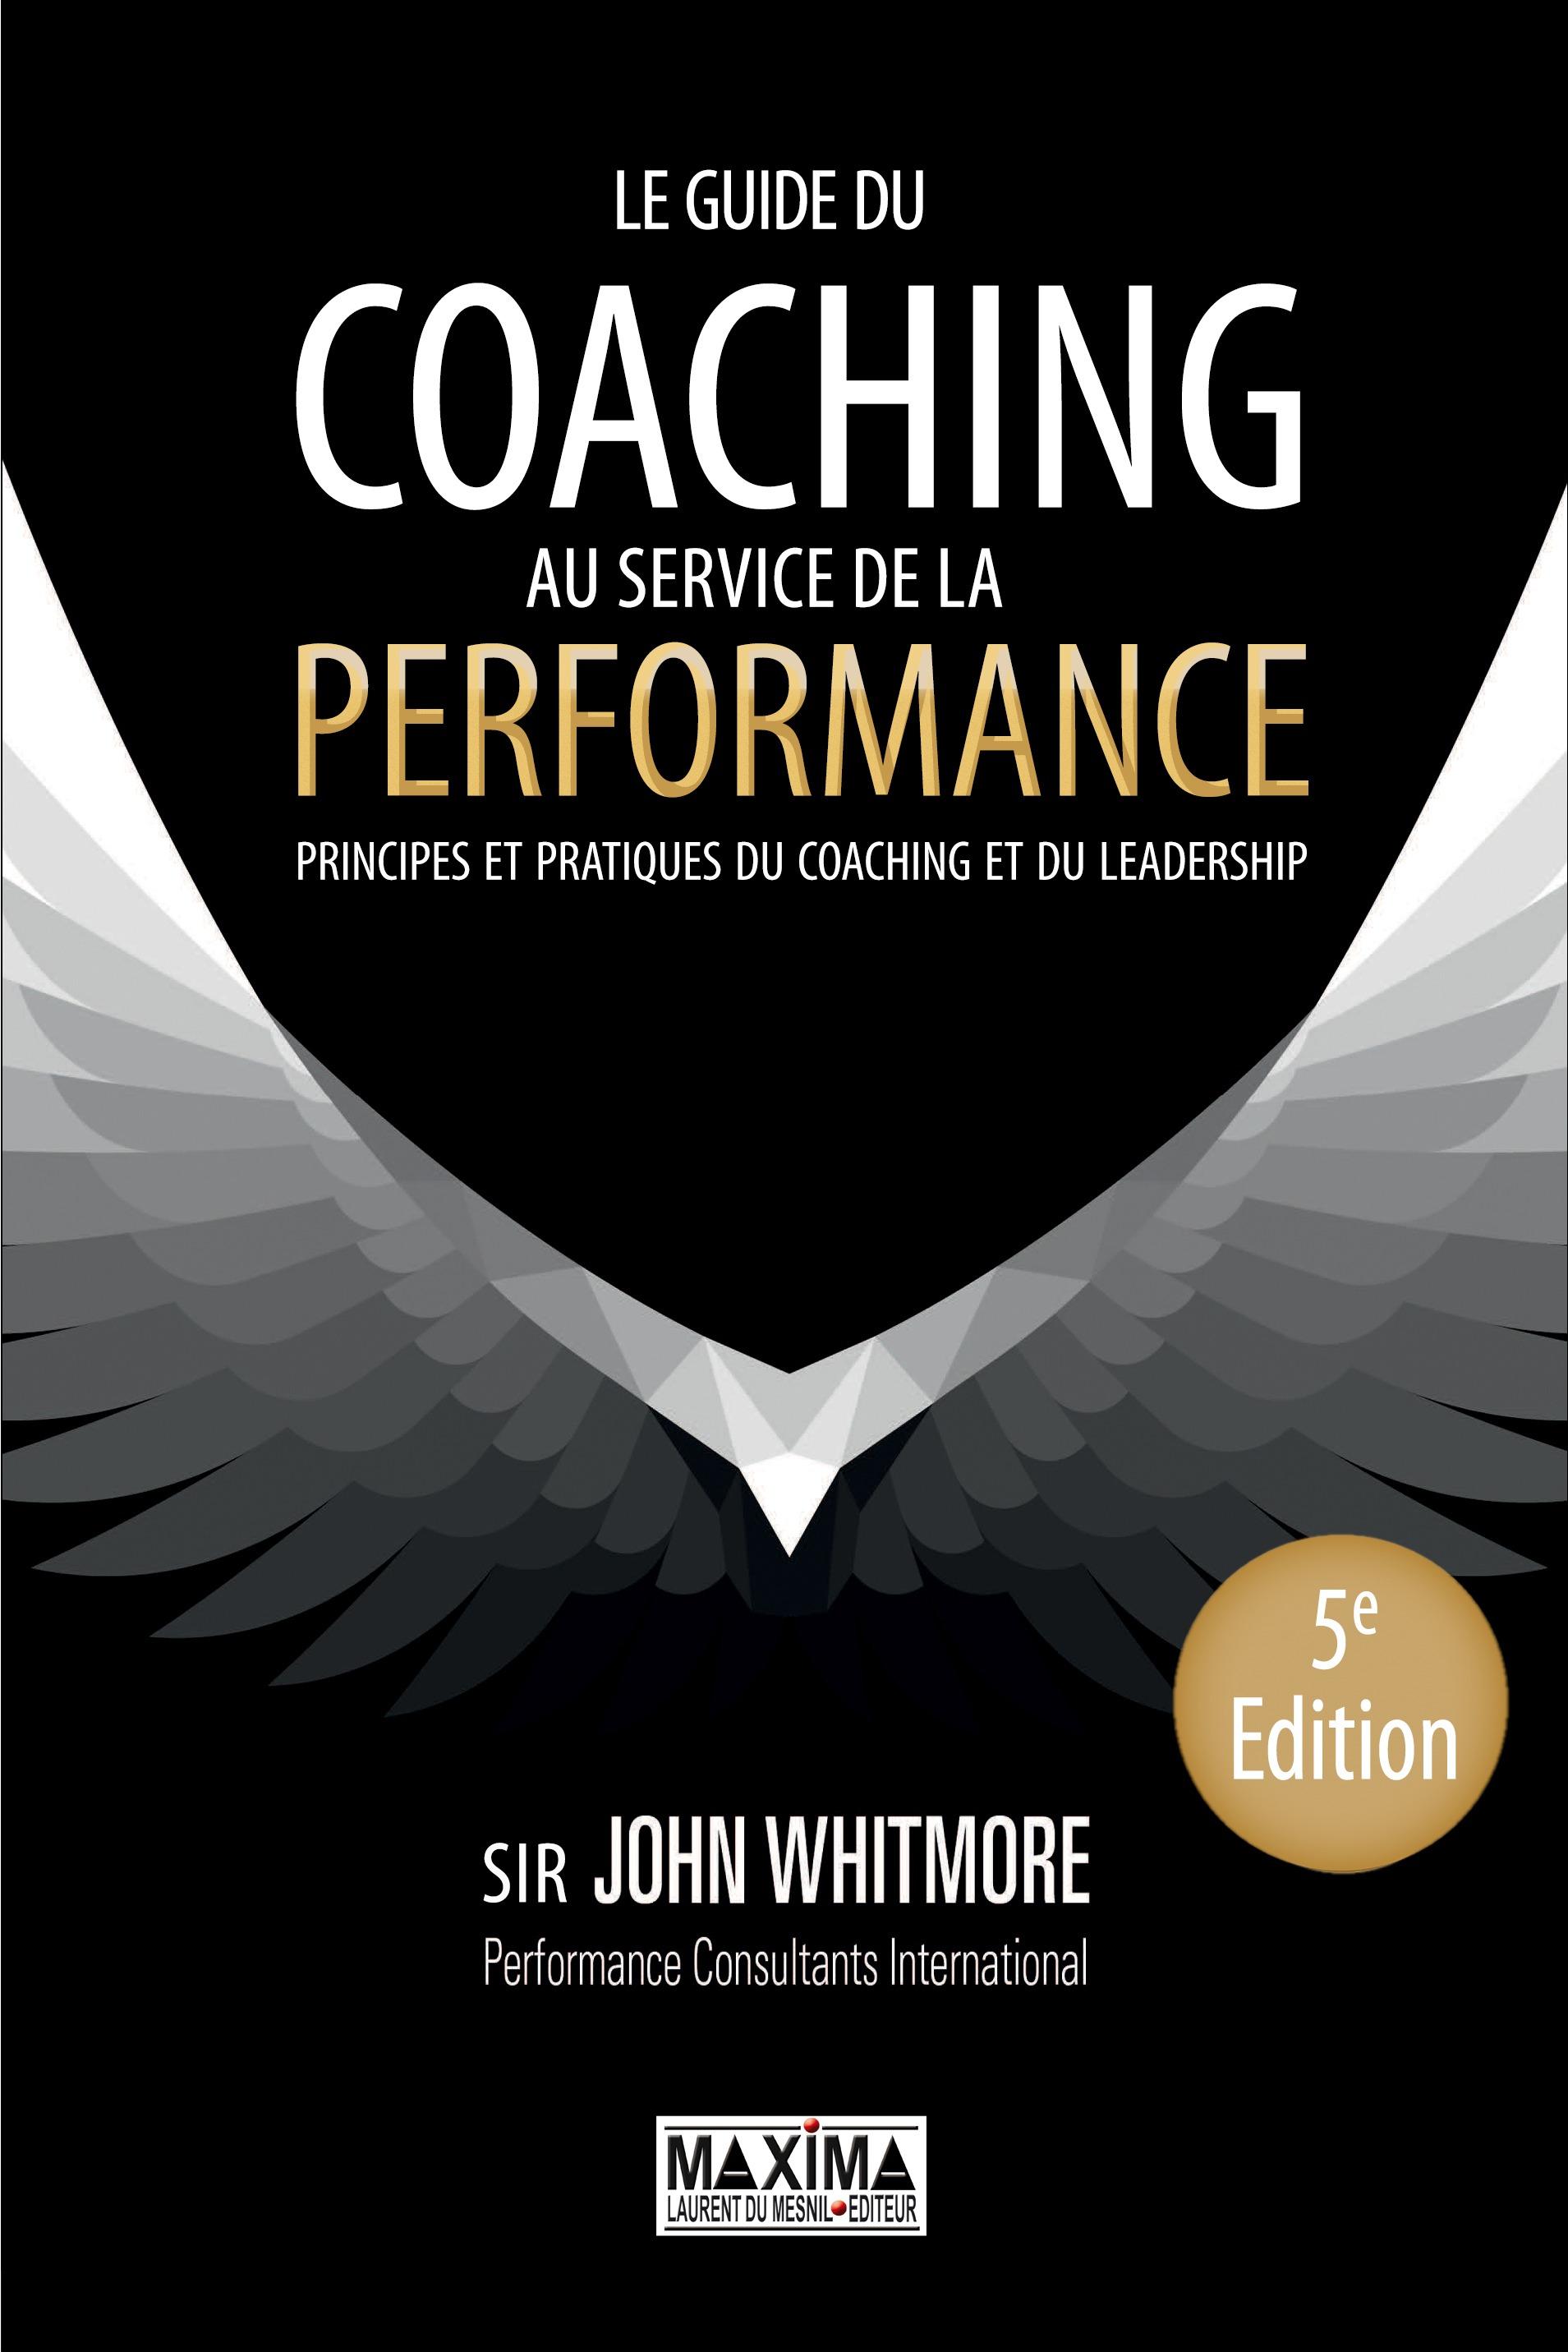 Le guide du coaching au service de la performance, PRINCIPES ET PRATIQUES DU COACHING ET DU LEADERSHIP